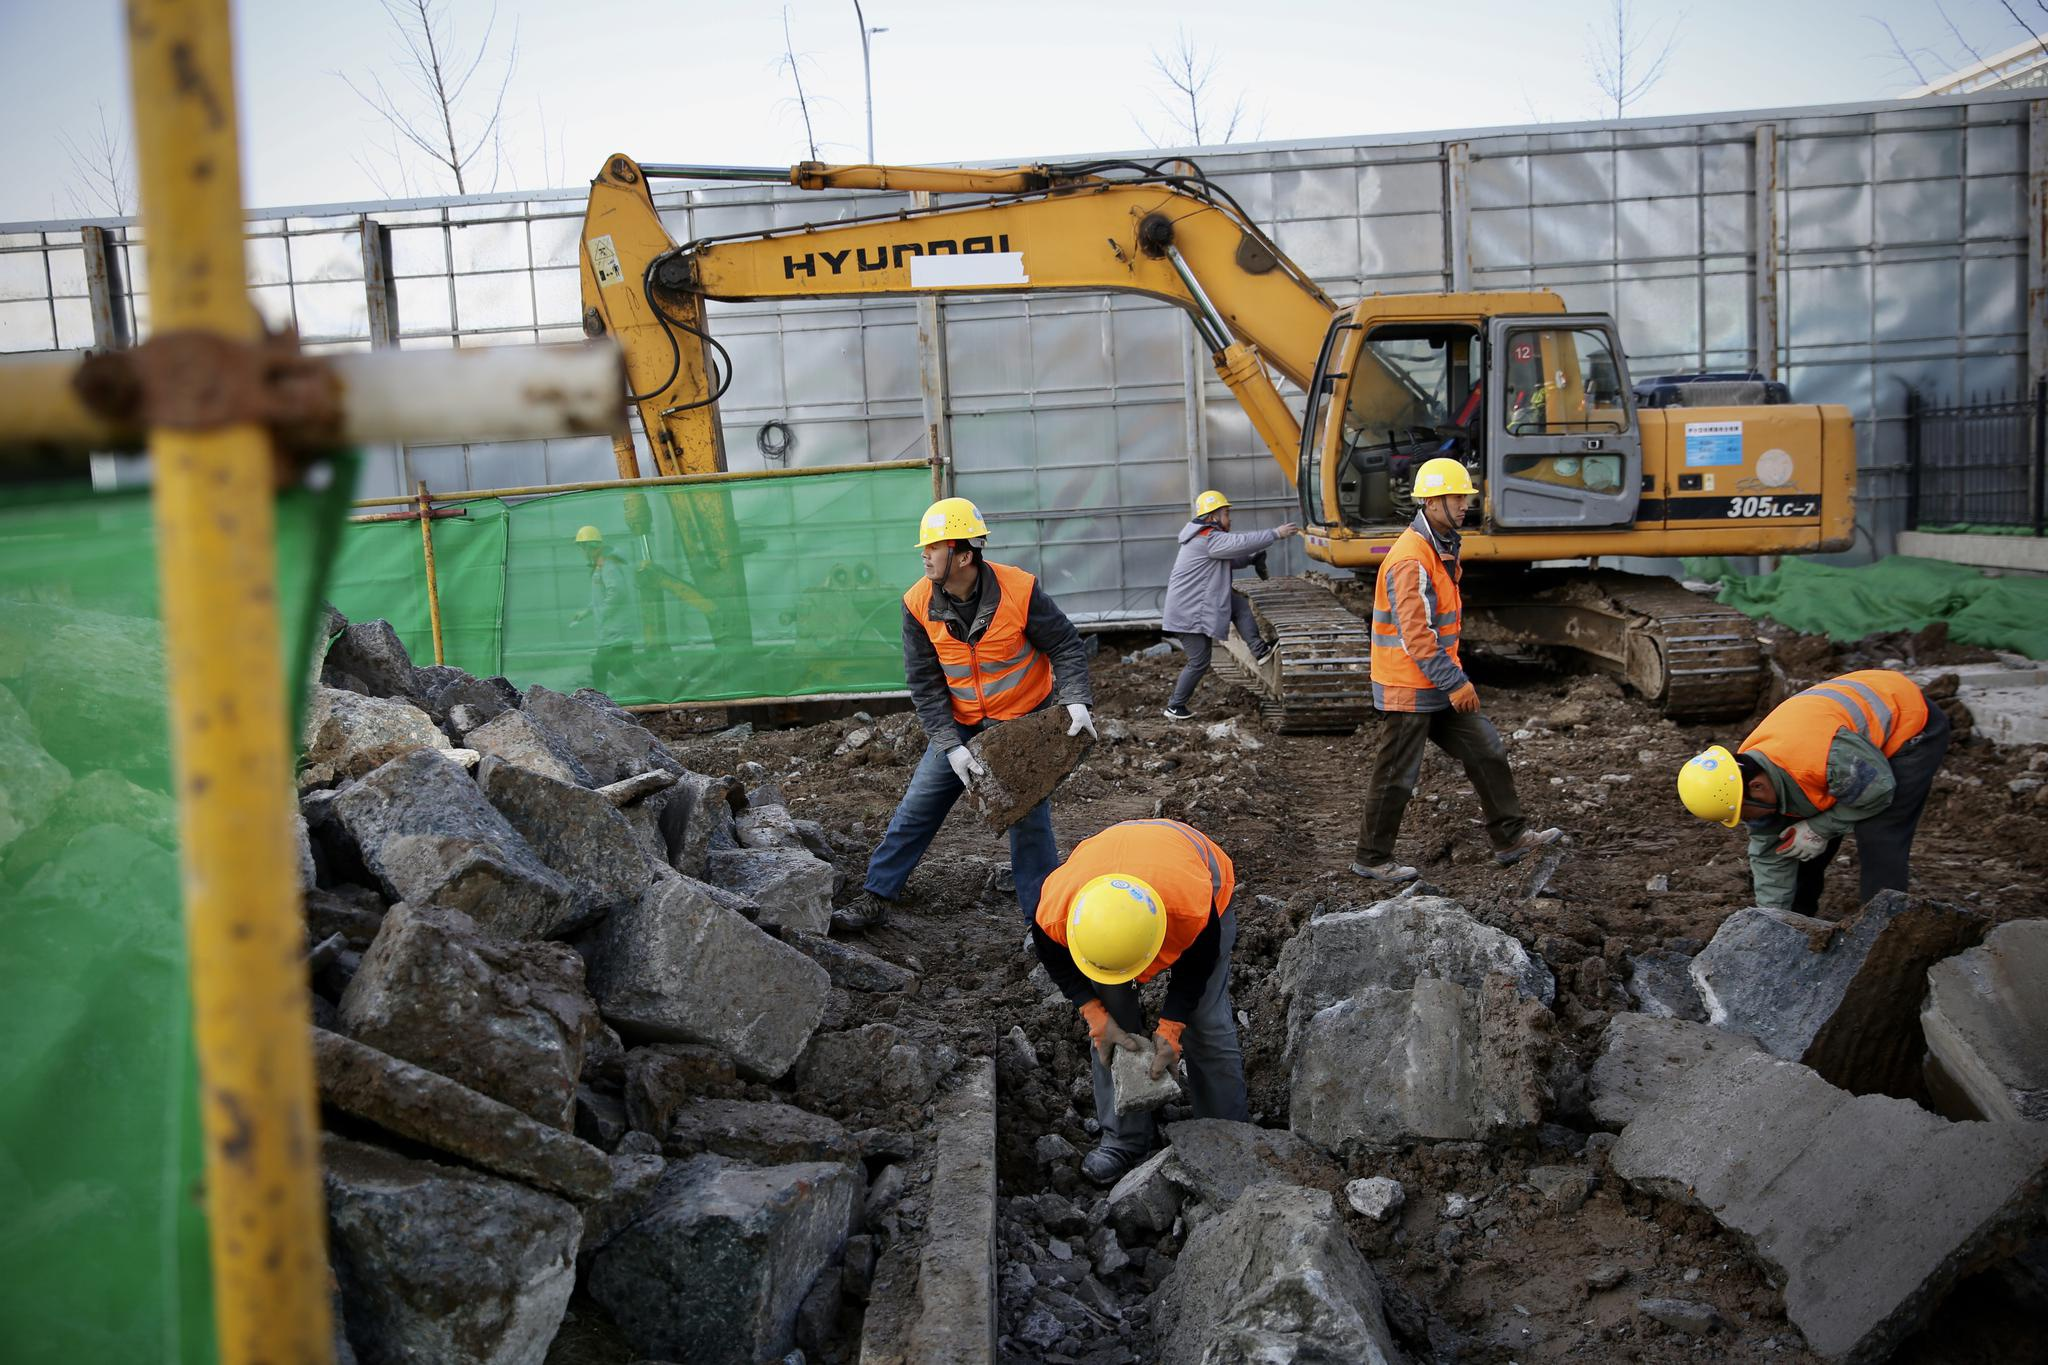 工人在施工现场对建筑垃圾进行就地分类归堆。摄影/新京报记者 郑新洽